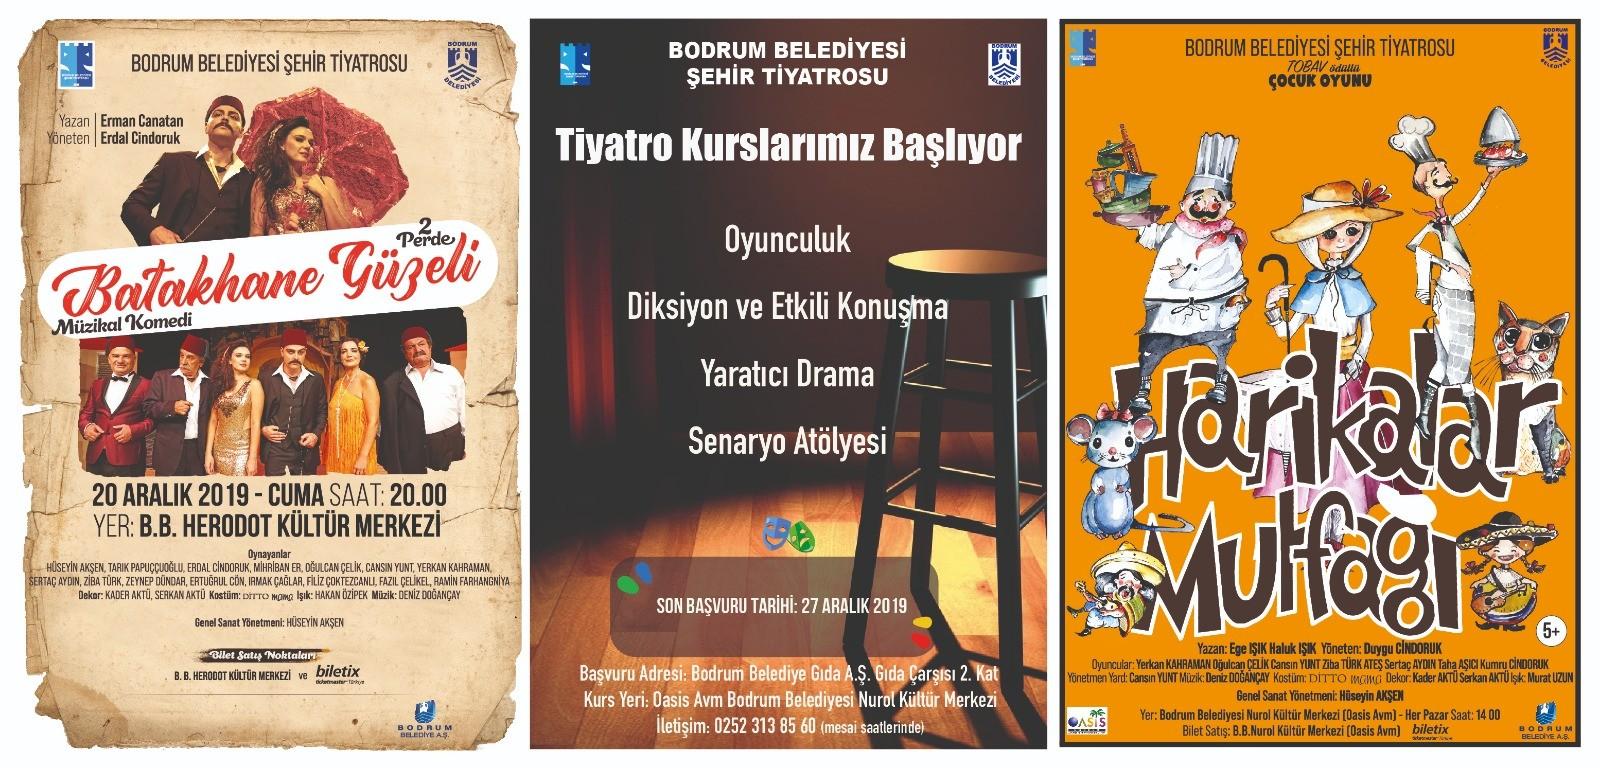 bodrum belediyesi şehir tiyatrosu Tiyatro kursları 2 Ocak'ta başlıyor… bodrum sehir tiyatrosu kurs 2